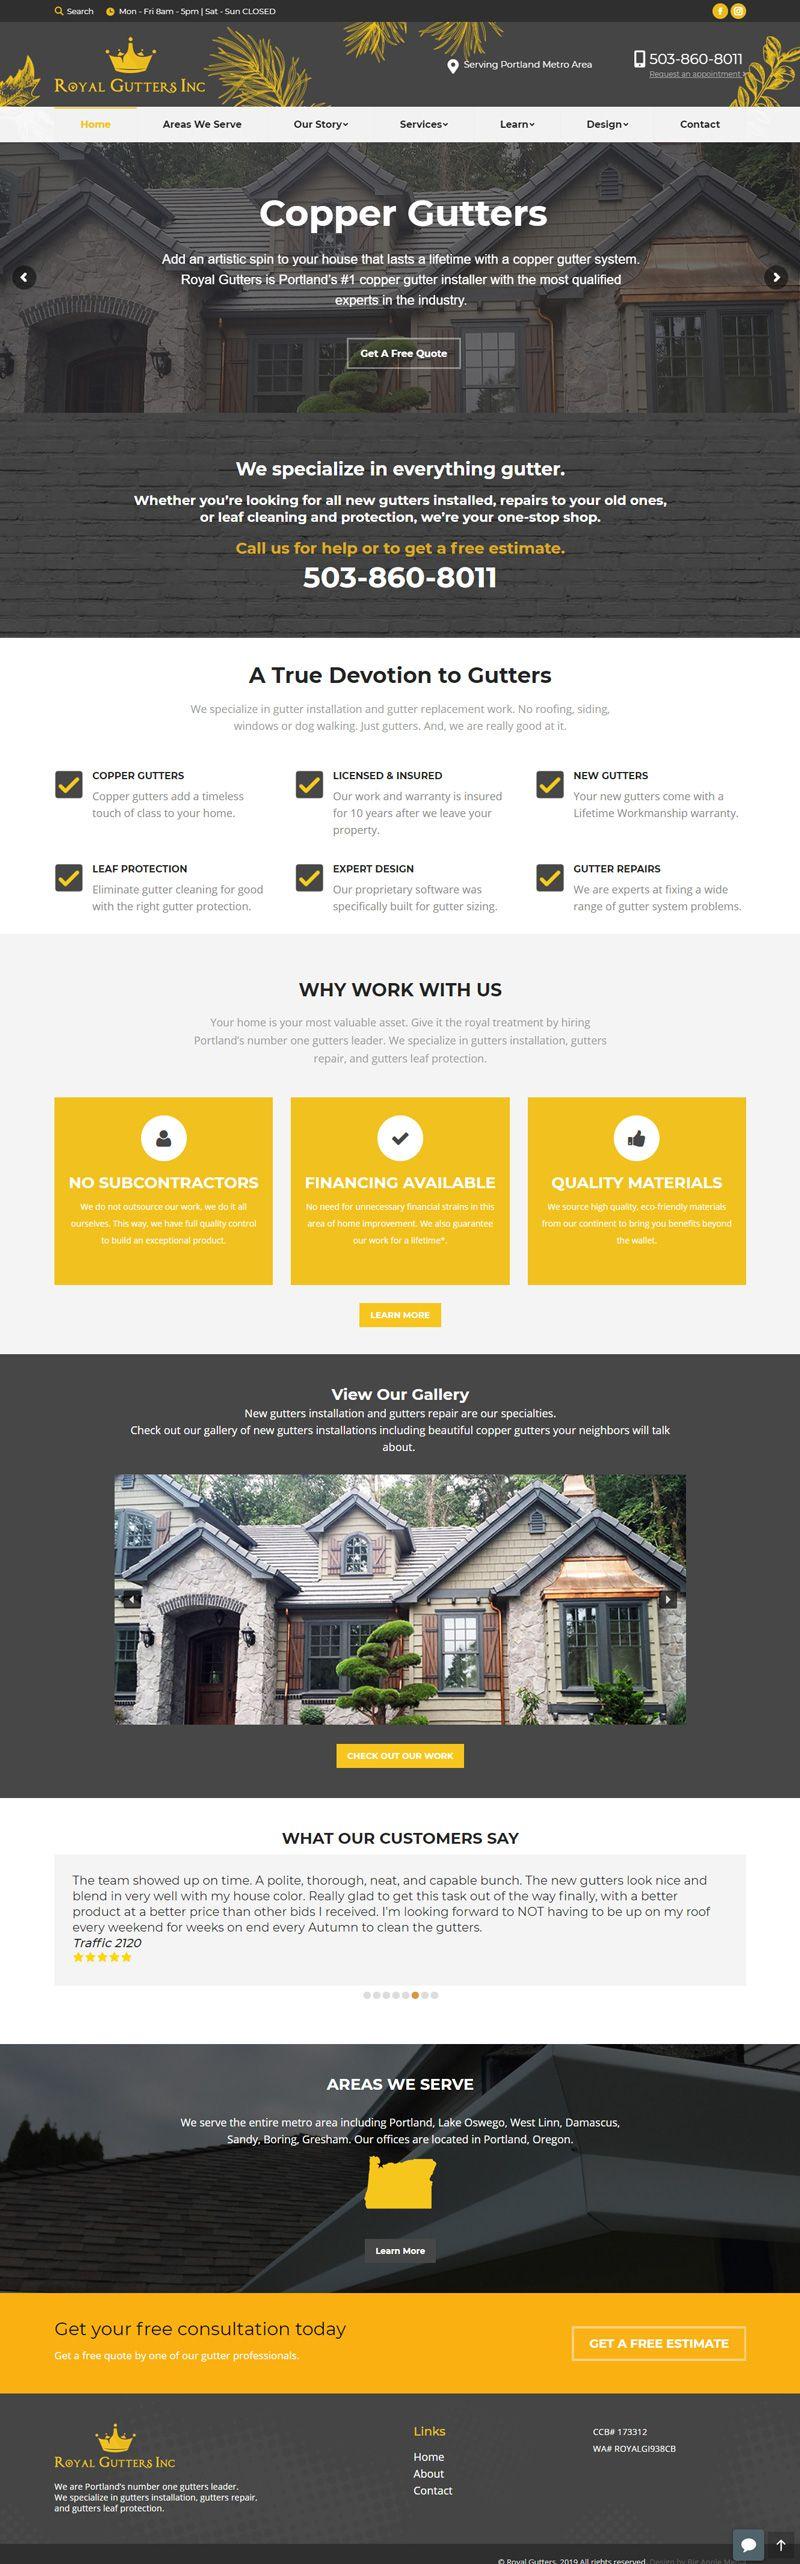 website development small business